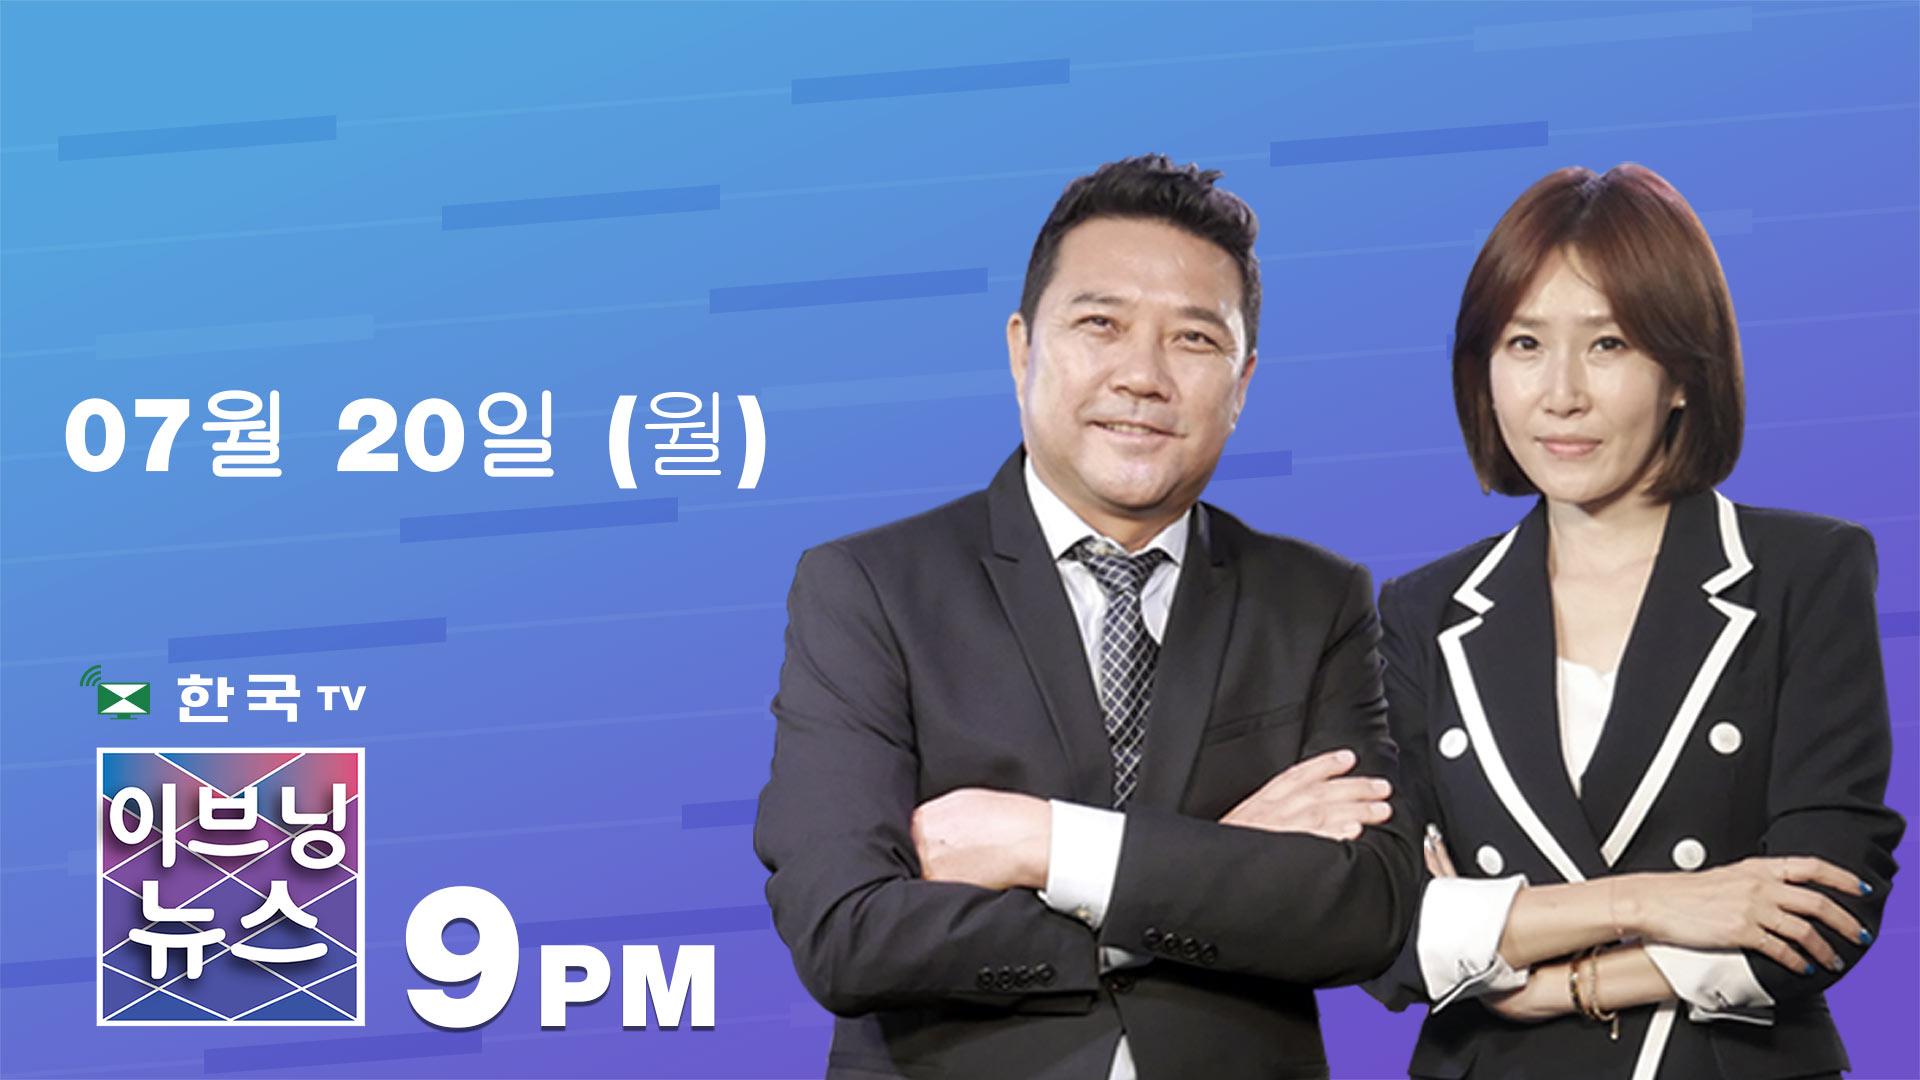 (07.20.2020) 한국TV 이브닝 뉴스